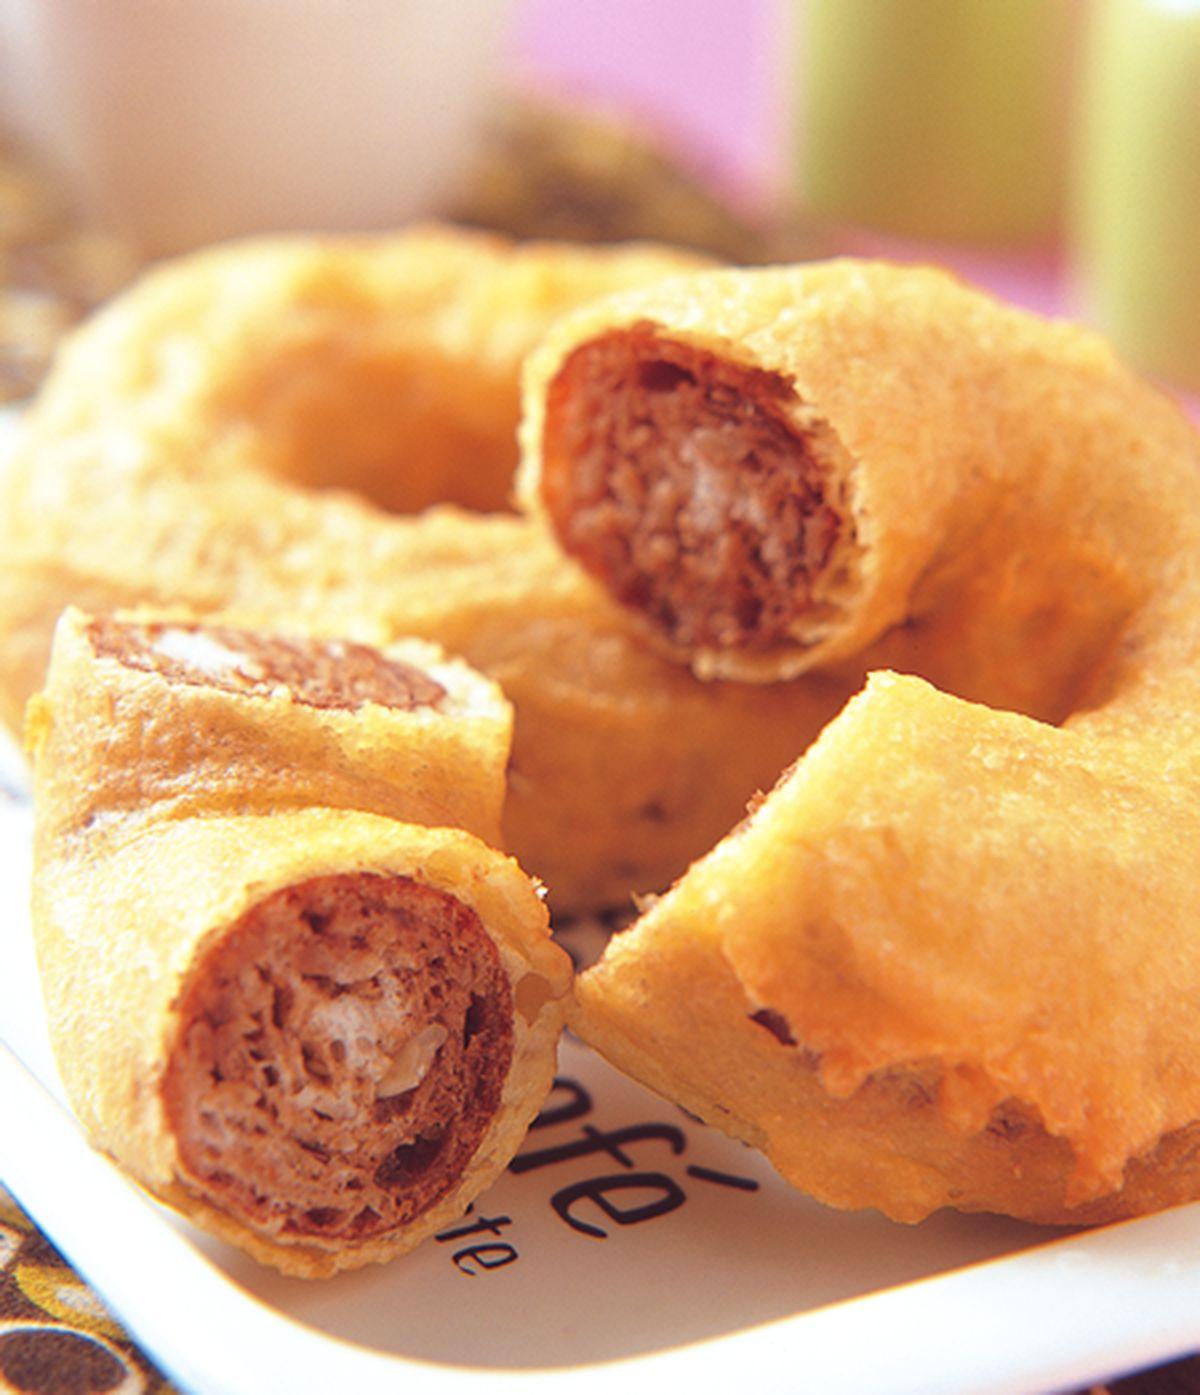 食譜:脆皮五穀甜甜圈